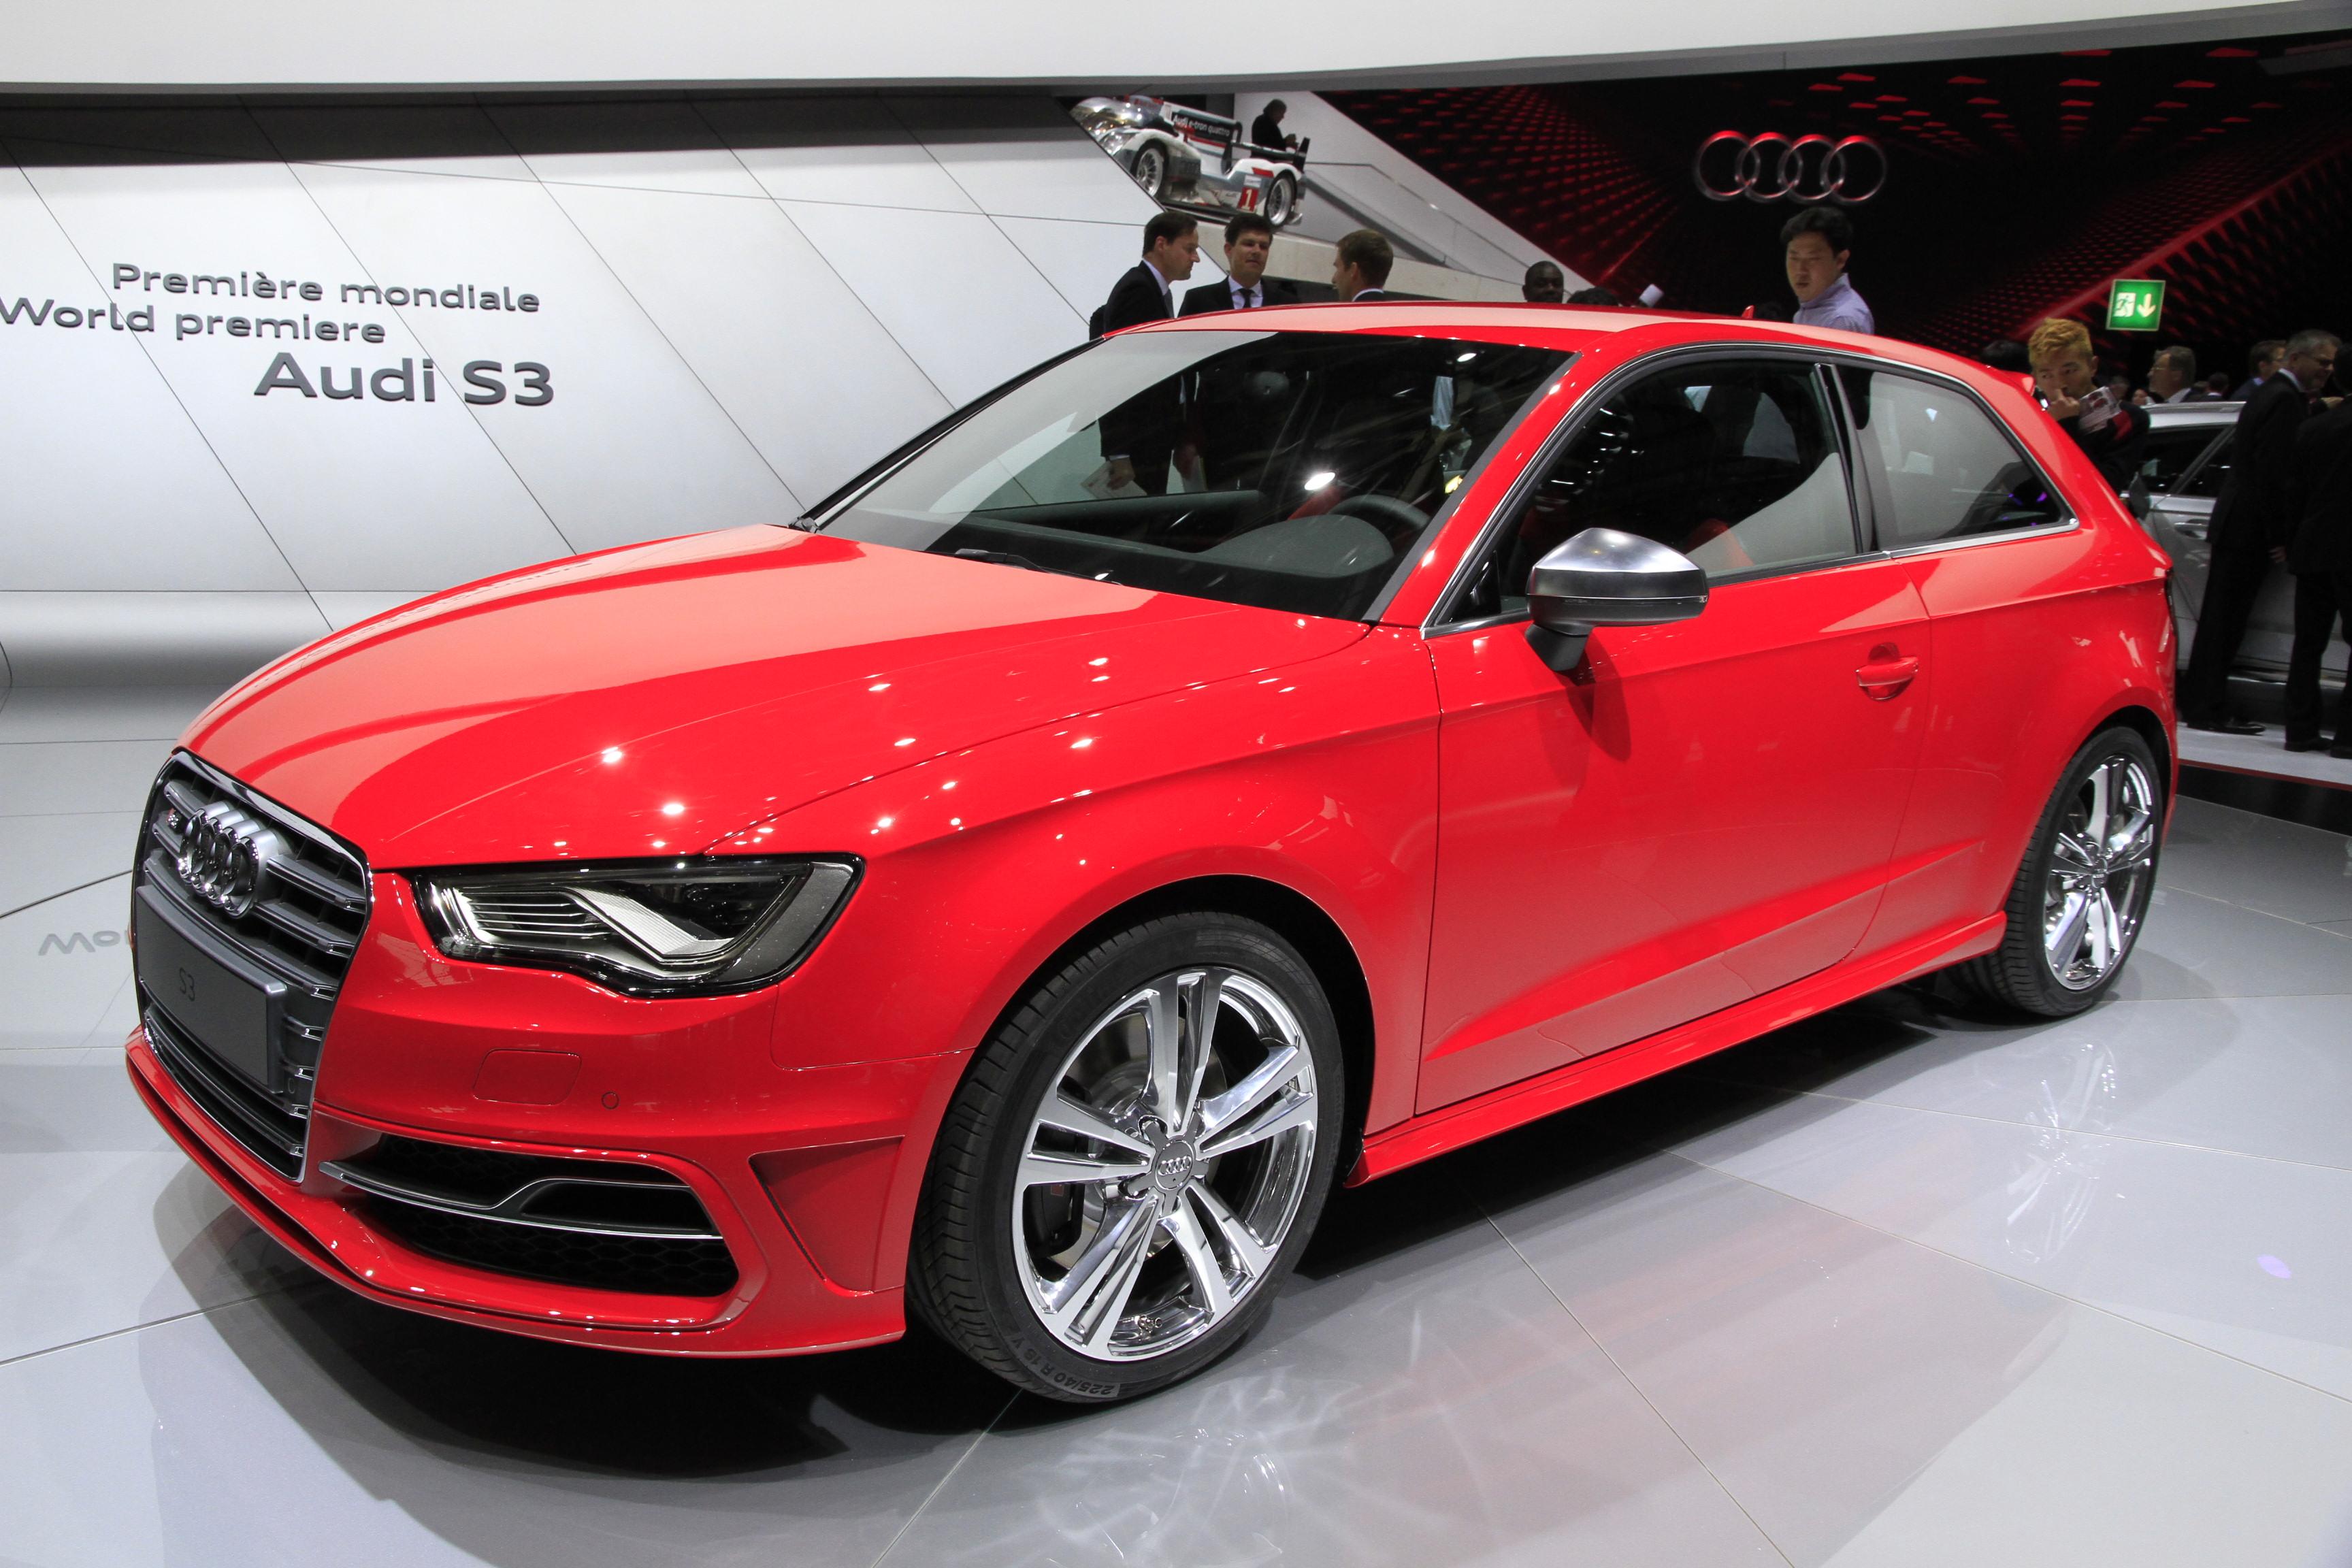 http://images.caradisiac.com/images/1/4/3/4/81434/S0-En-direct-du-Mondial-2012-l-Audi-S3-est-une-timide-273986.jpg